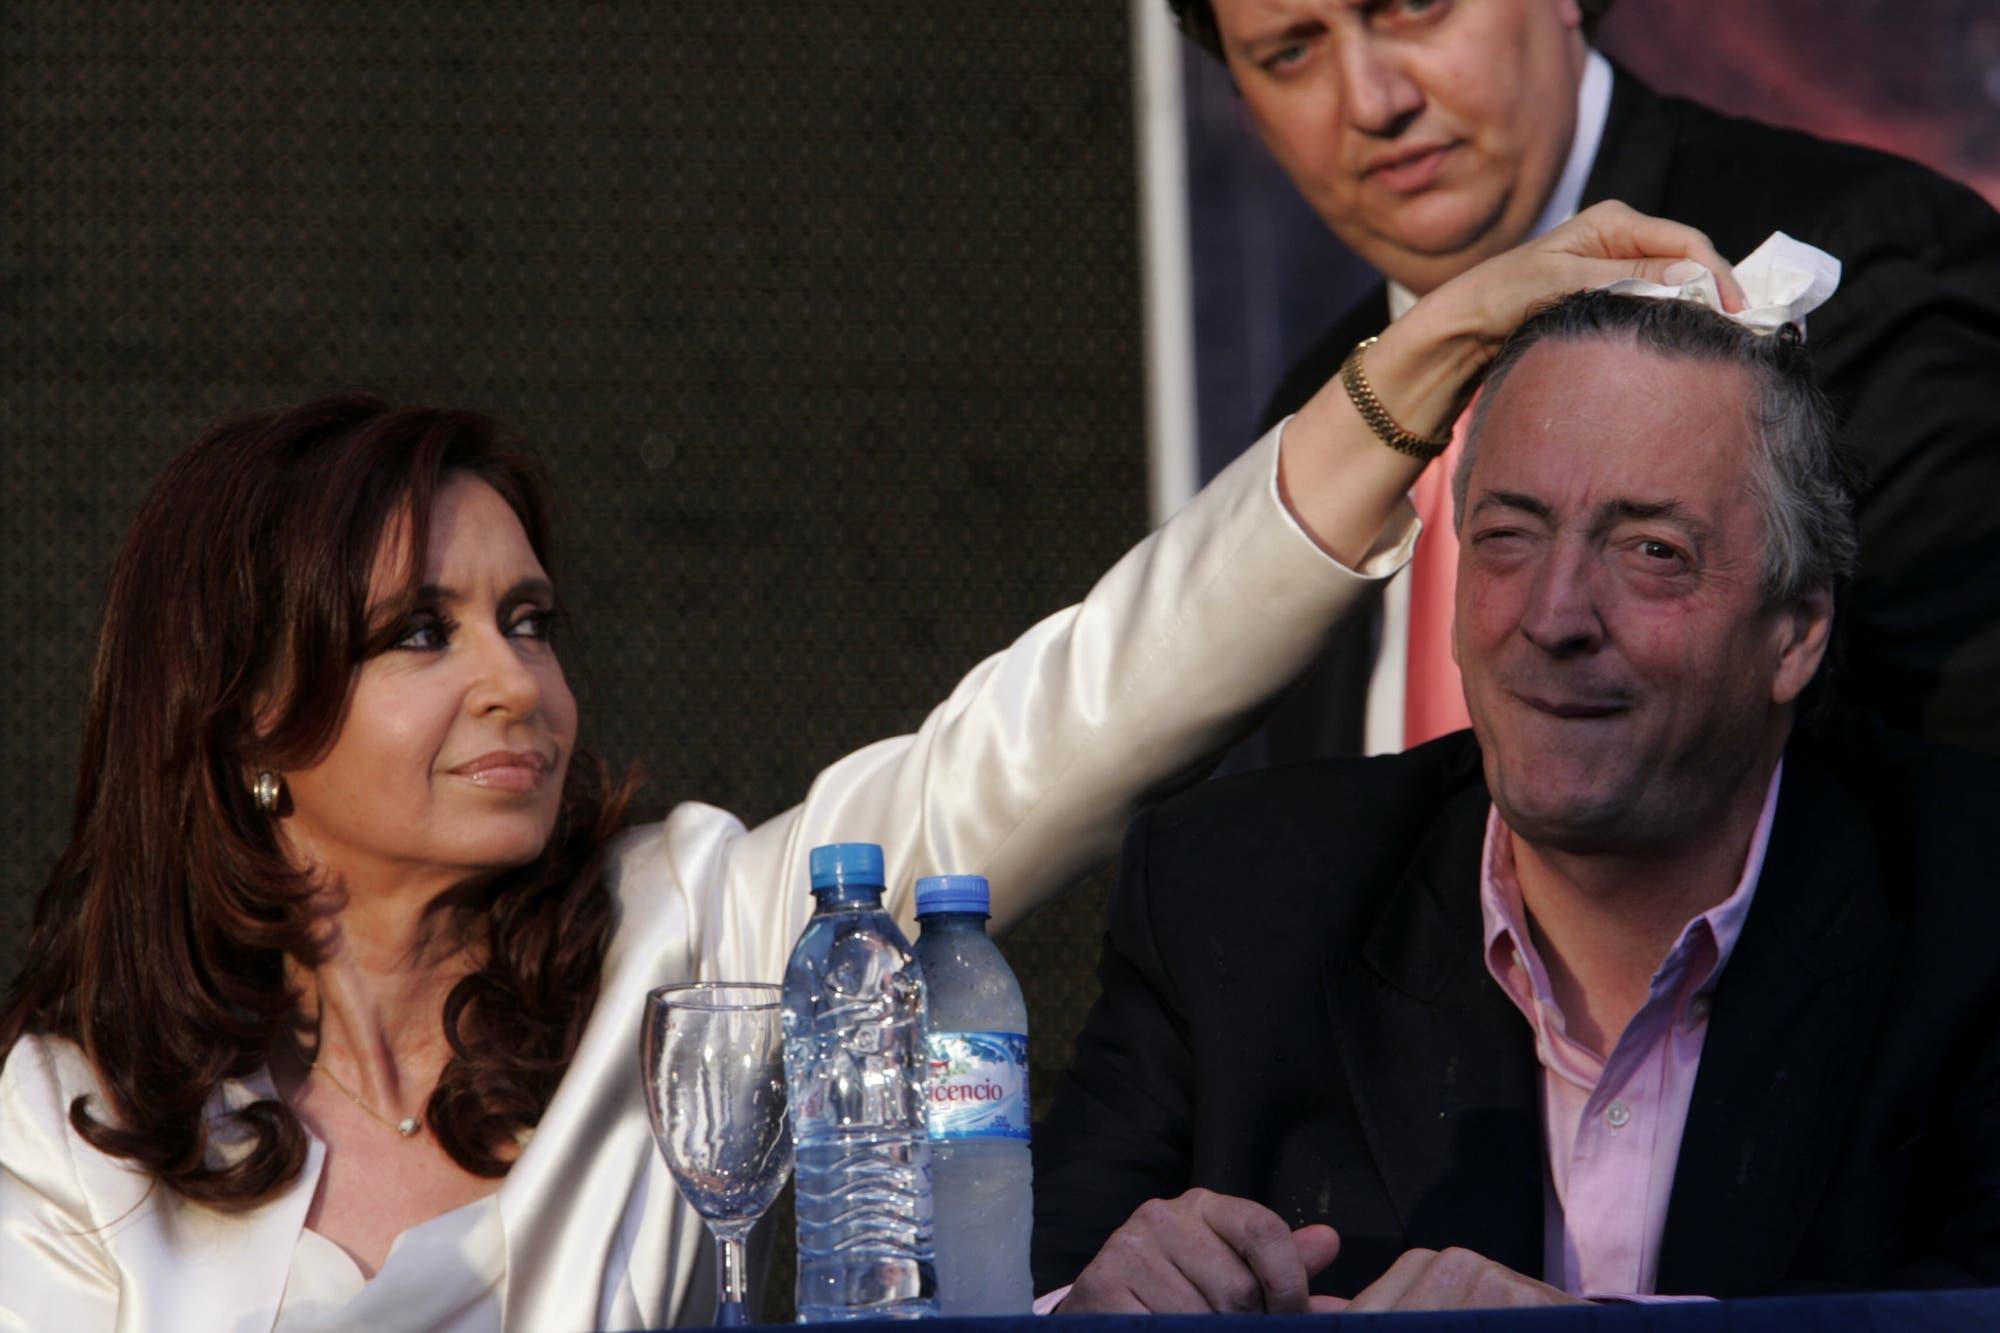 Harán hoy un acto en homenaje a Néstor Kirchner, a ocho años de su muerte